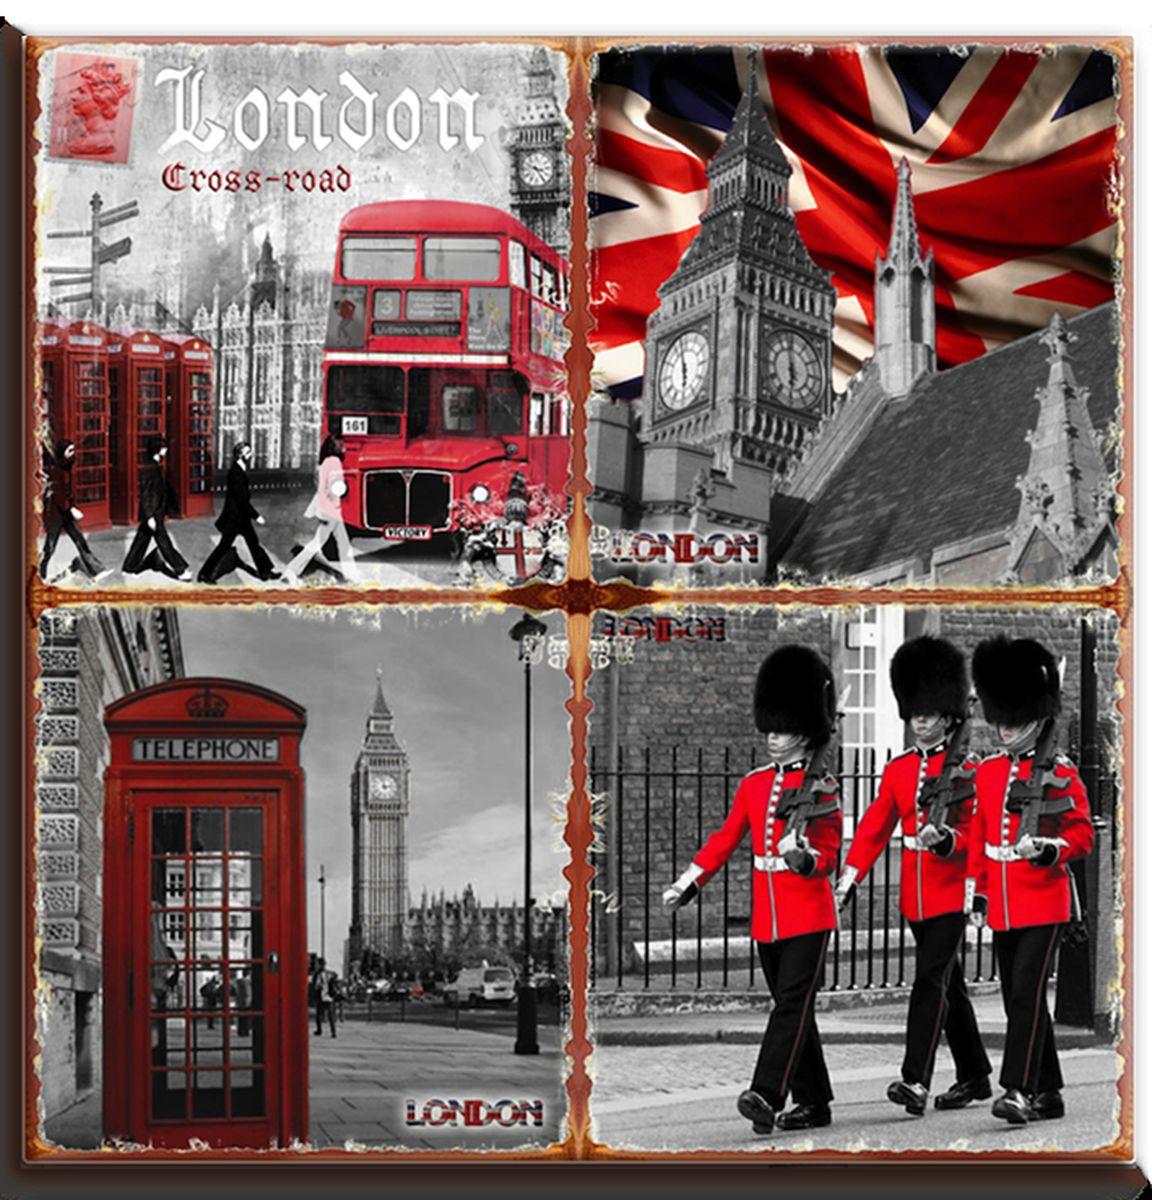 Подставка под горячее GiftnHome Лондон в красных тонах, 20 см х 20 смP20-London RedКвадратная подставка под горячее GiftnHome Лондон в красных тонах выполнена из высококачественной керамики. Изделие, декорированное красочными изображениями достопримечательностей Лондона, идеально впишется в интерьер современной кухни. Специальное пробковое основание подставки защитит вашу мебель от царапин. Изделие не боится высоких температур и легко чиститься от пятен и жира.Каждая хозяйка знает, что подставка под горячее - это незаменимый и очень полезный аксессуар на каждой кухне. Ваш стол будет не только украшен оригинальной подставкой с красивым рисунком, но и сбережен от воздействия высоких температур ваших кулинарных шедевров. Нельзя мыть в посудомоечной машине.Размер подставки: 20 см х 20 см х 0,8 см.